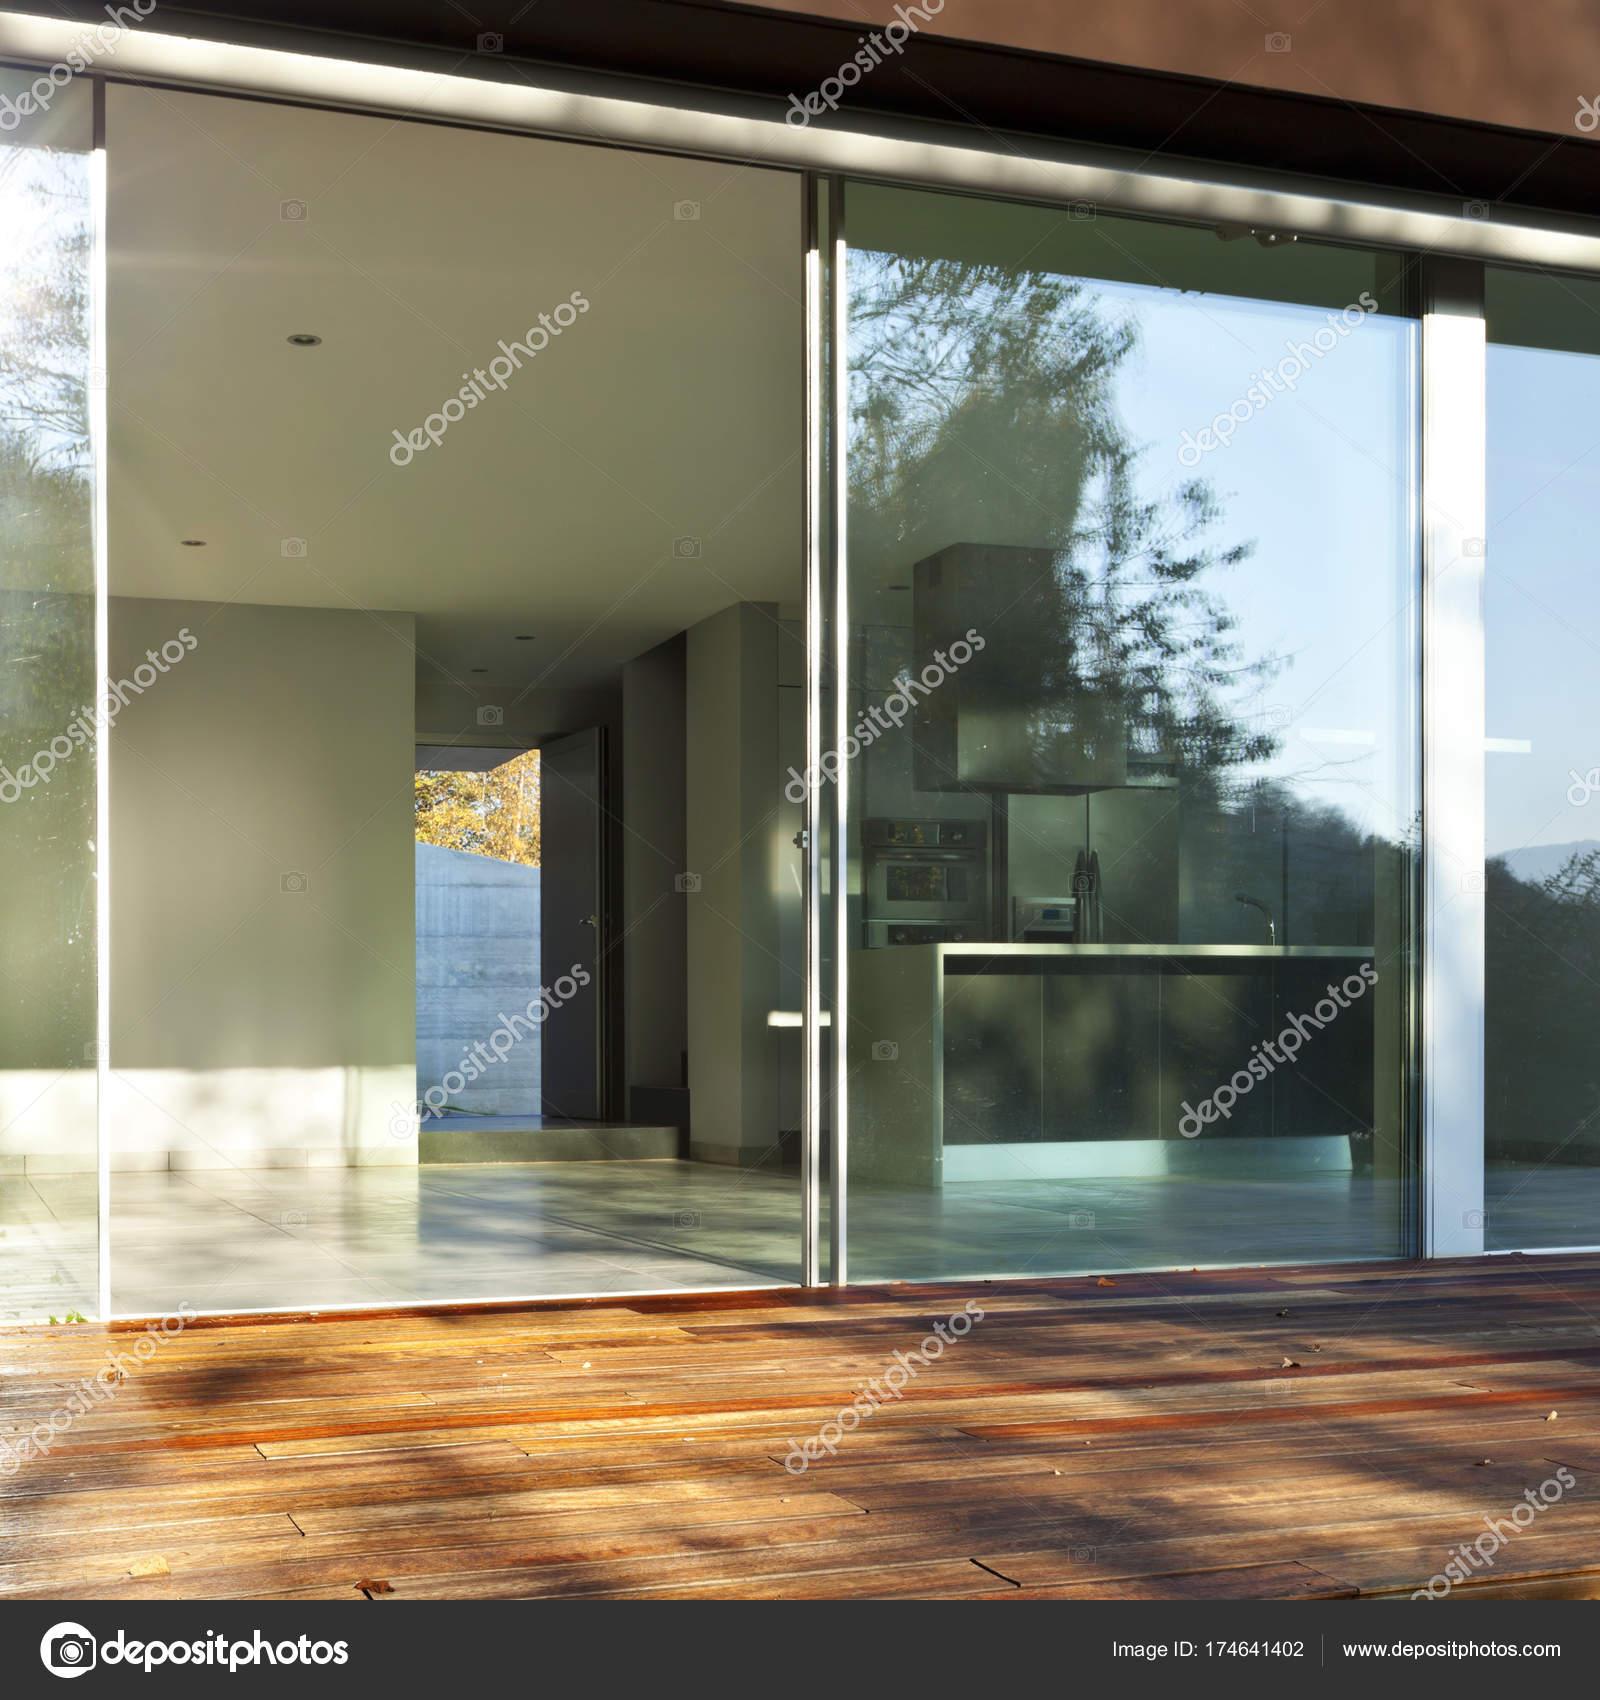 Modernes Haus Innenräume, niemand — Stockfoto © Zveiger #174641402